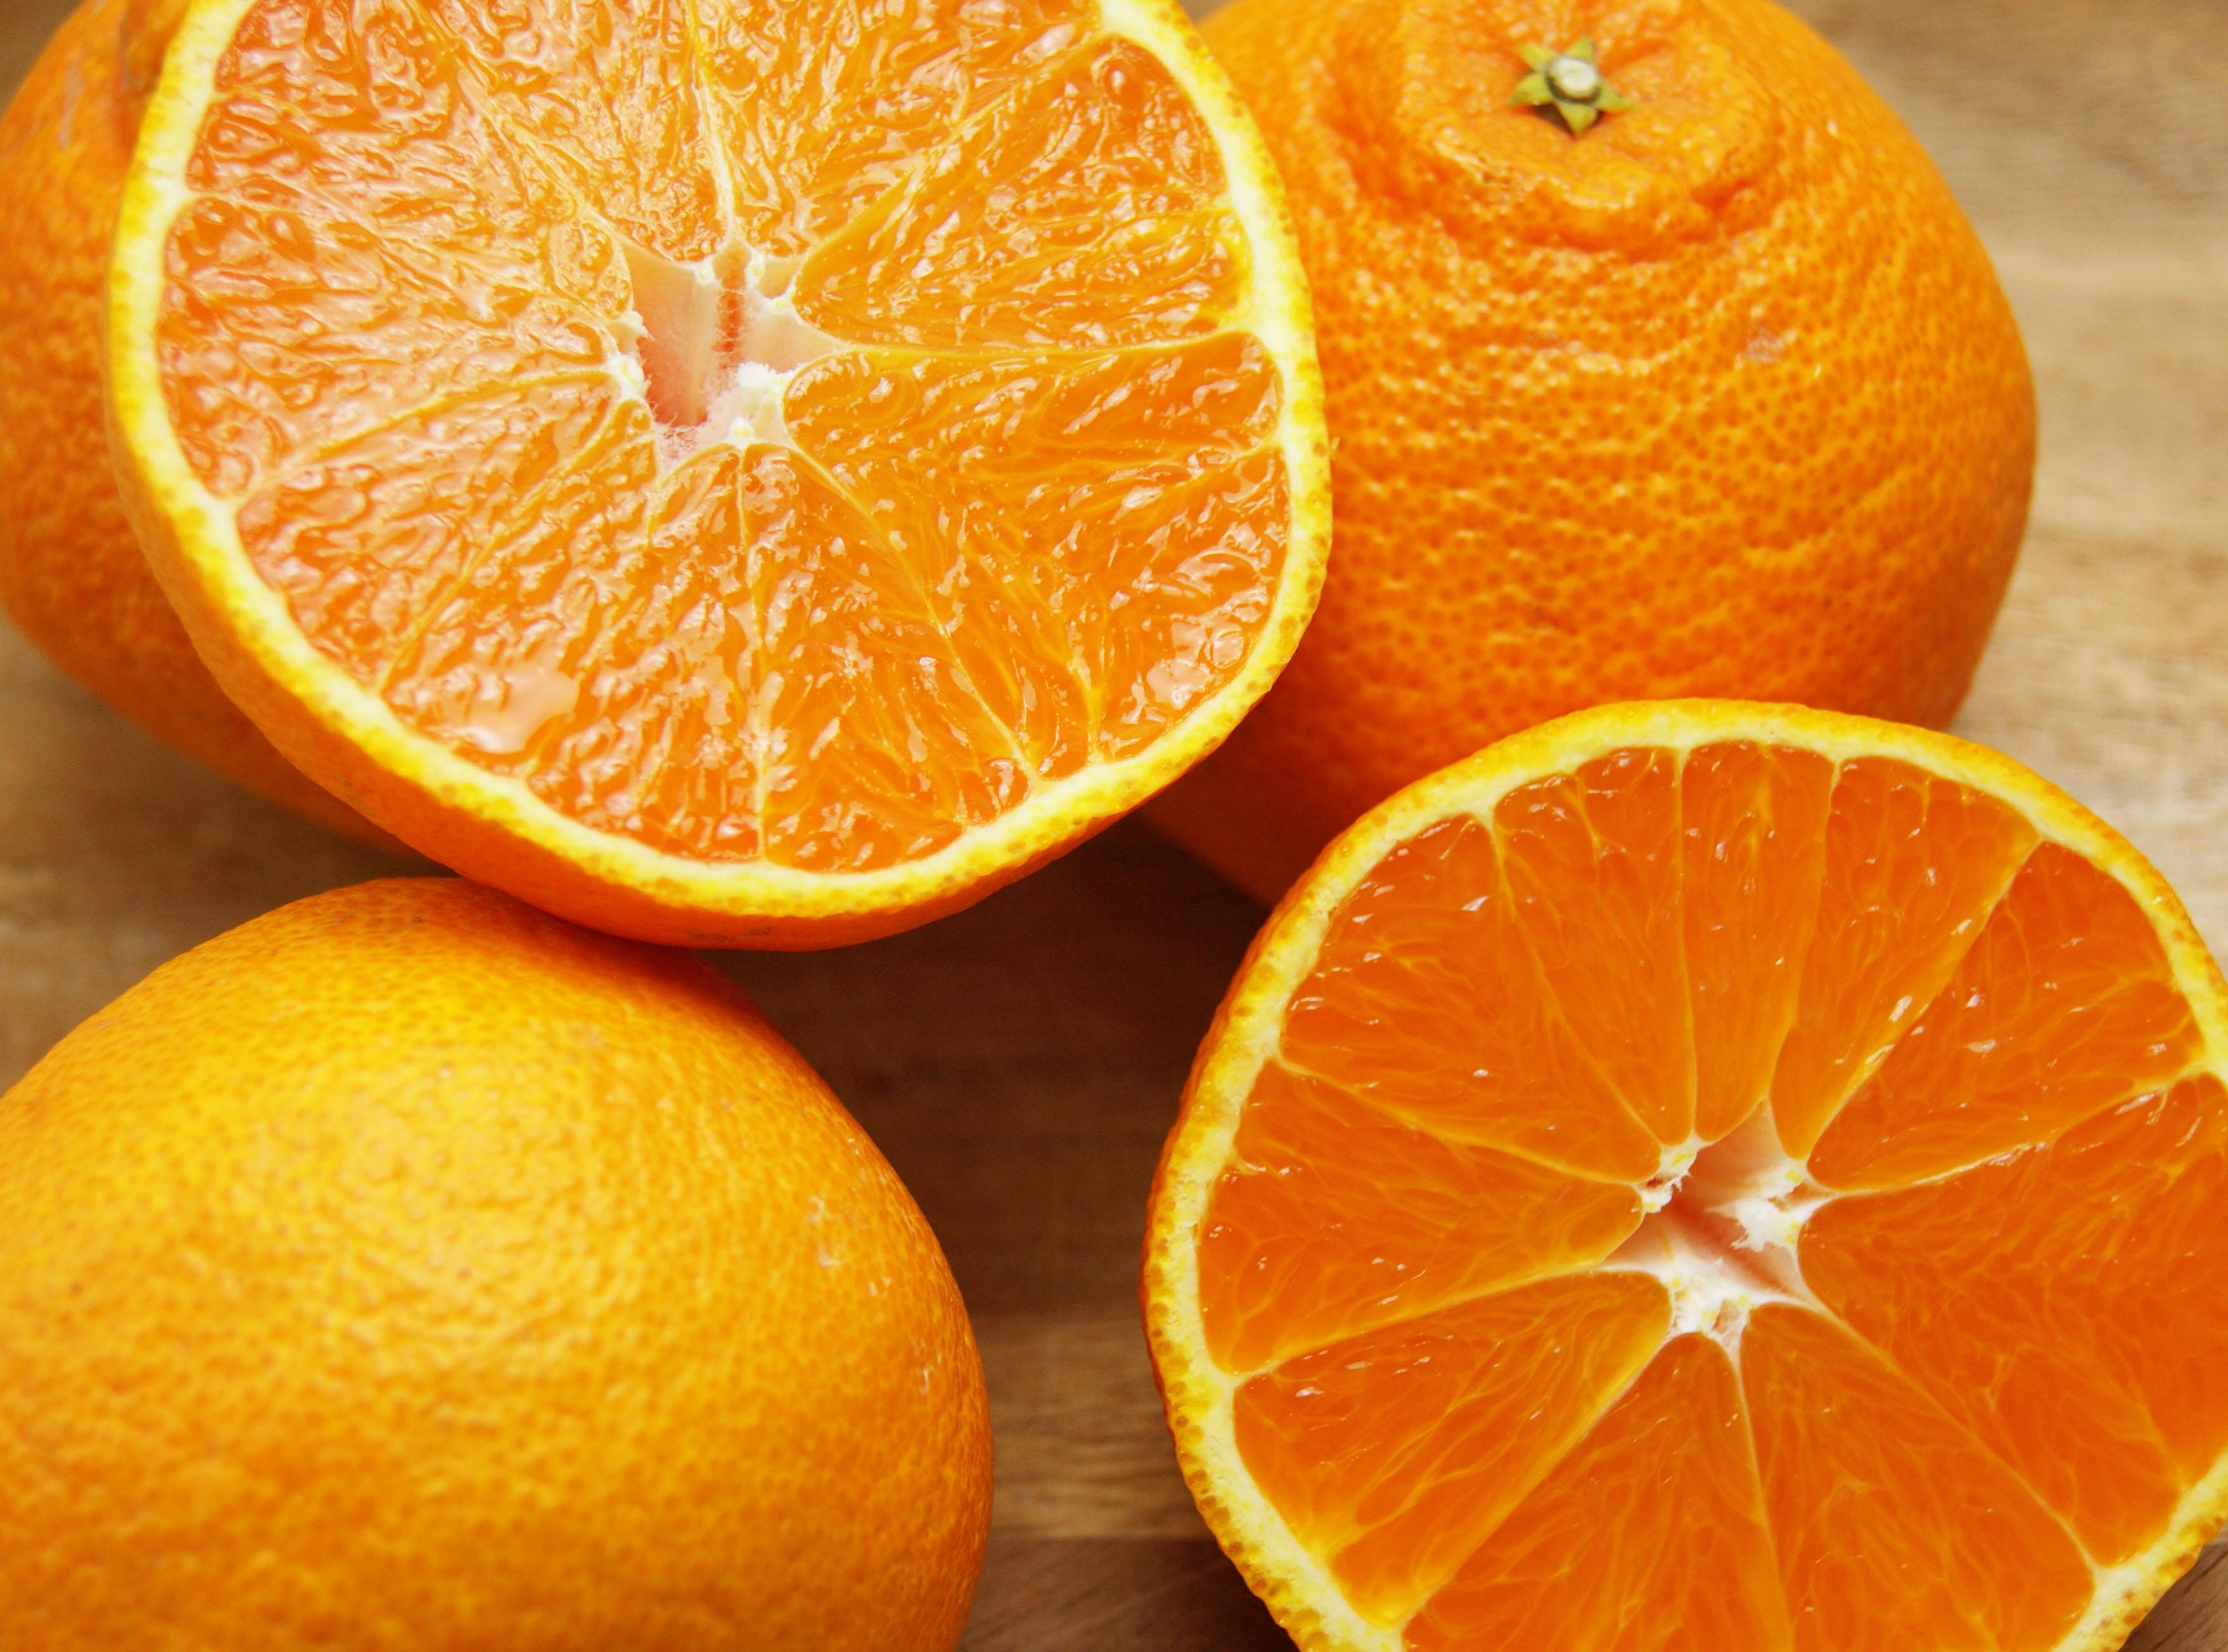 【しらぬい(有機肥料100%・ノーワックス) 3kg(家庭用無選別)】※農薬不使用レモン、無農薬レモン、コンフィチュール(送料無料商品は可)同梱不可